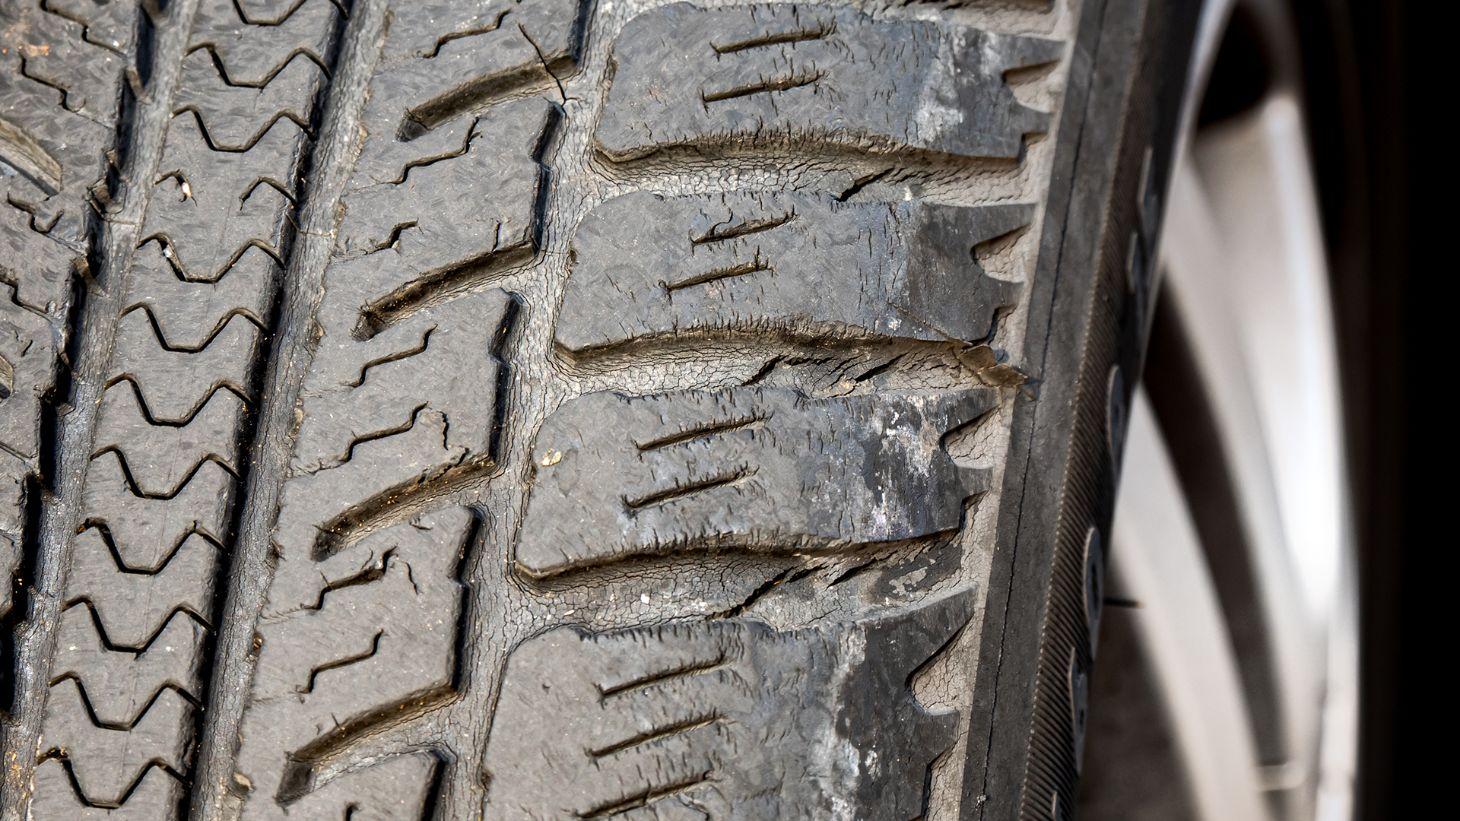 pneu detalhe trincas shutterstock 1516468949